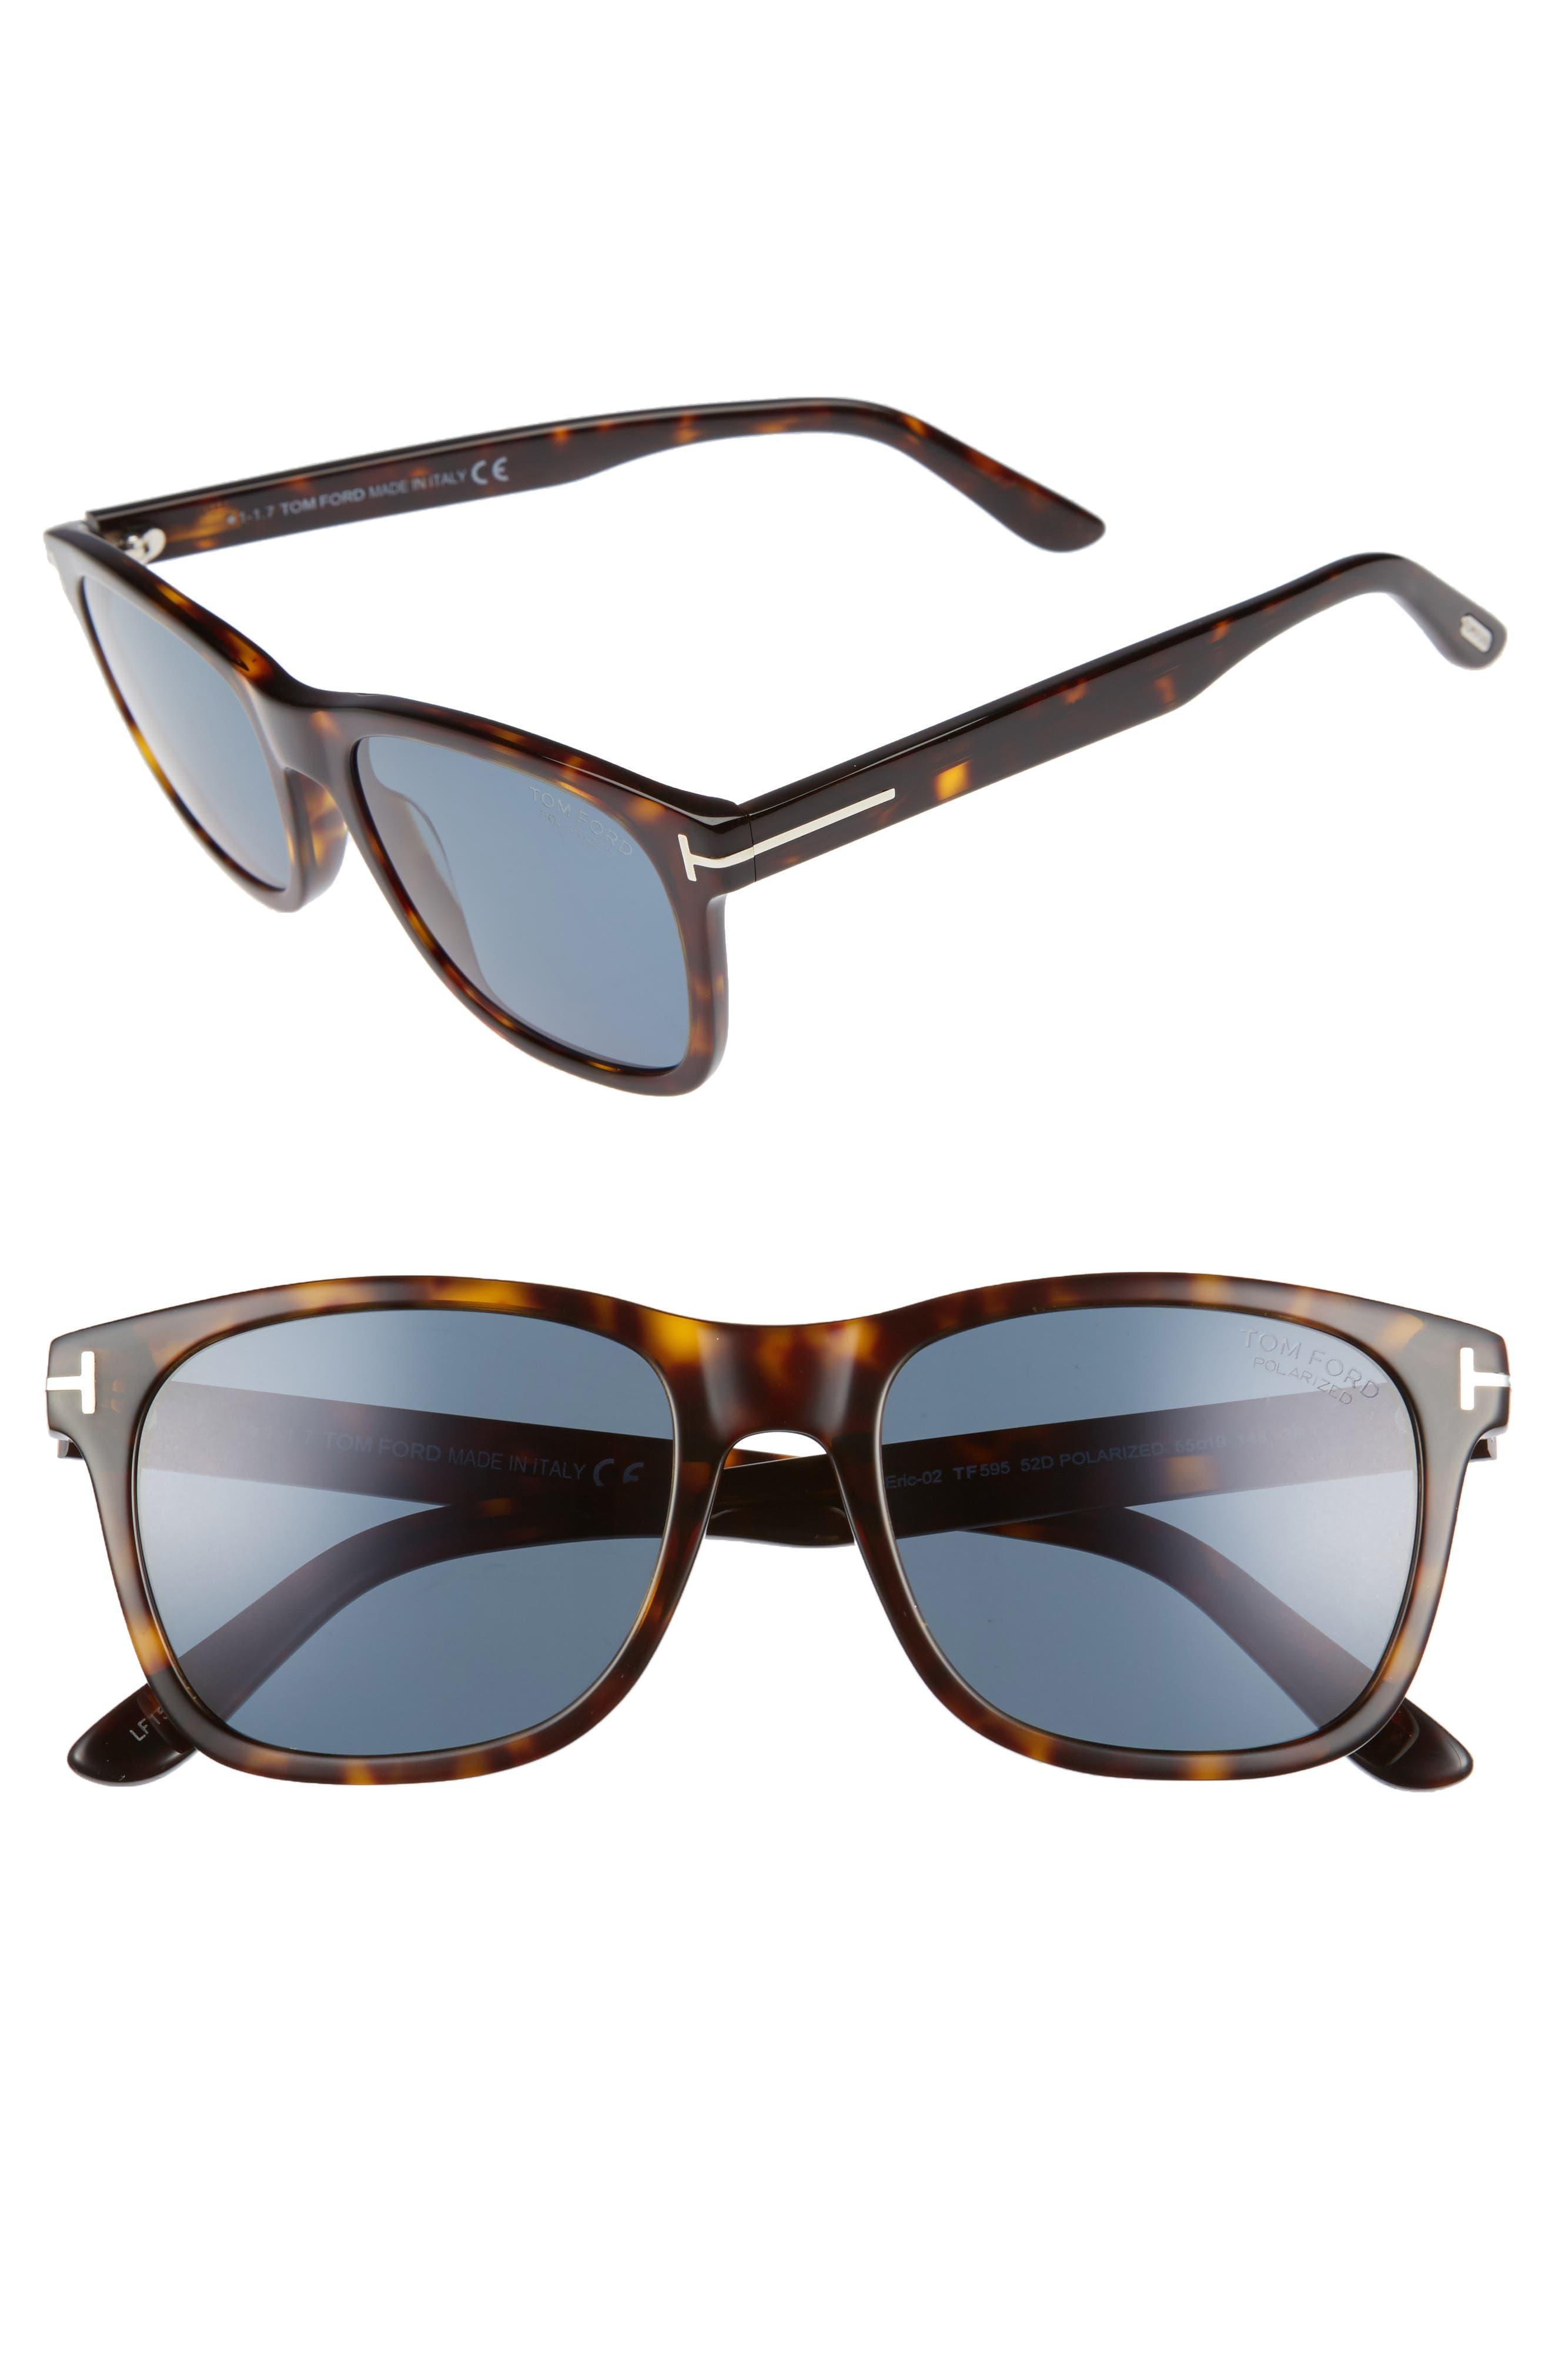 Eric 55mm Polarized Sunglasses,                         Main,                         color, 200